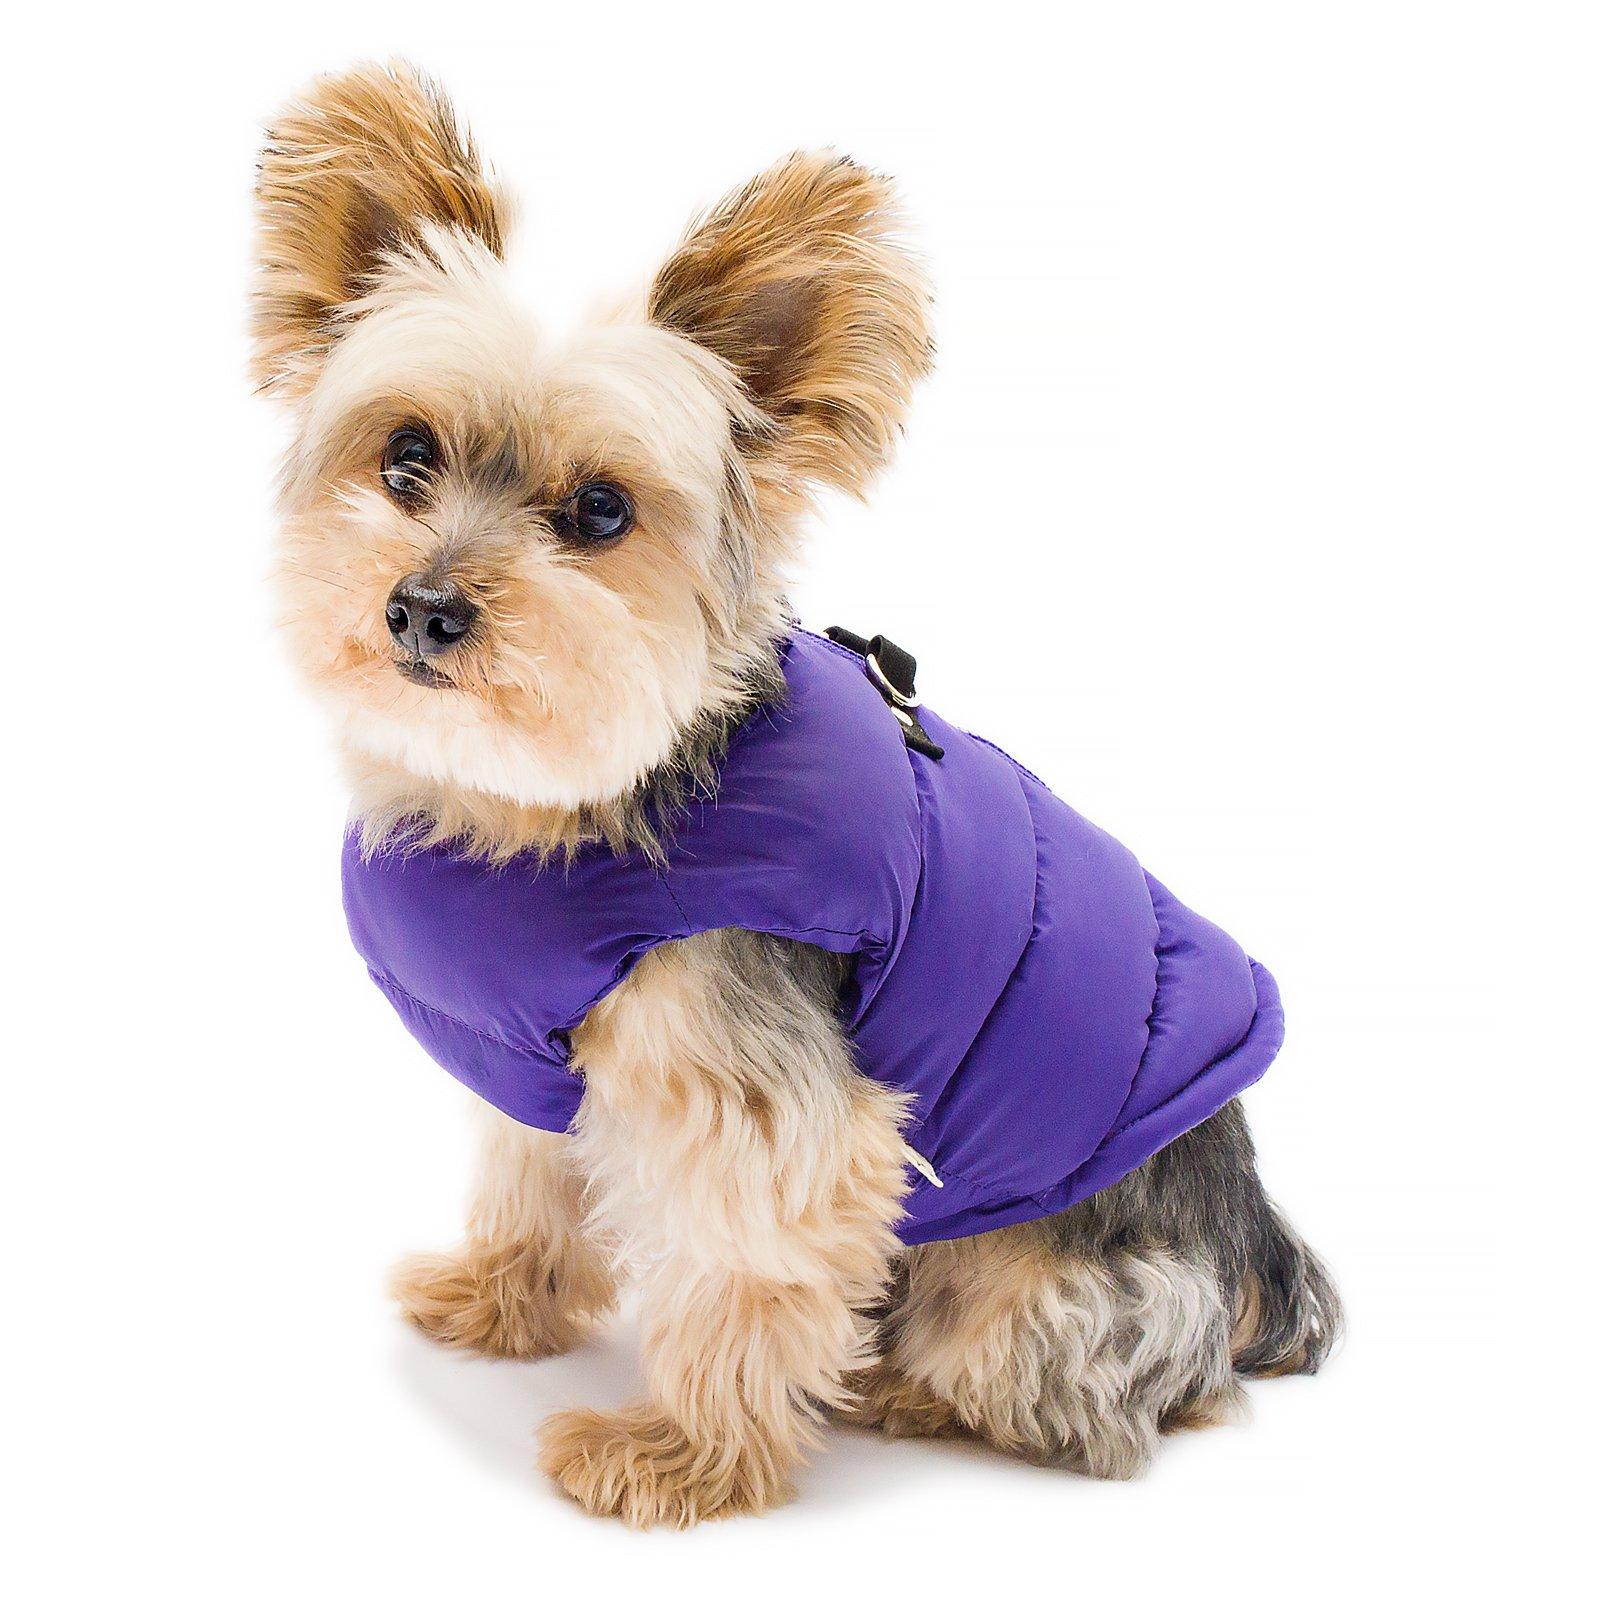 Stinky G Puffy Dog Coat Royal purple Size #14 Large